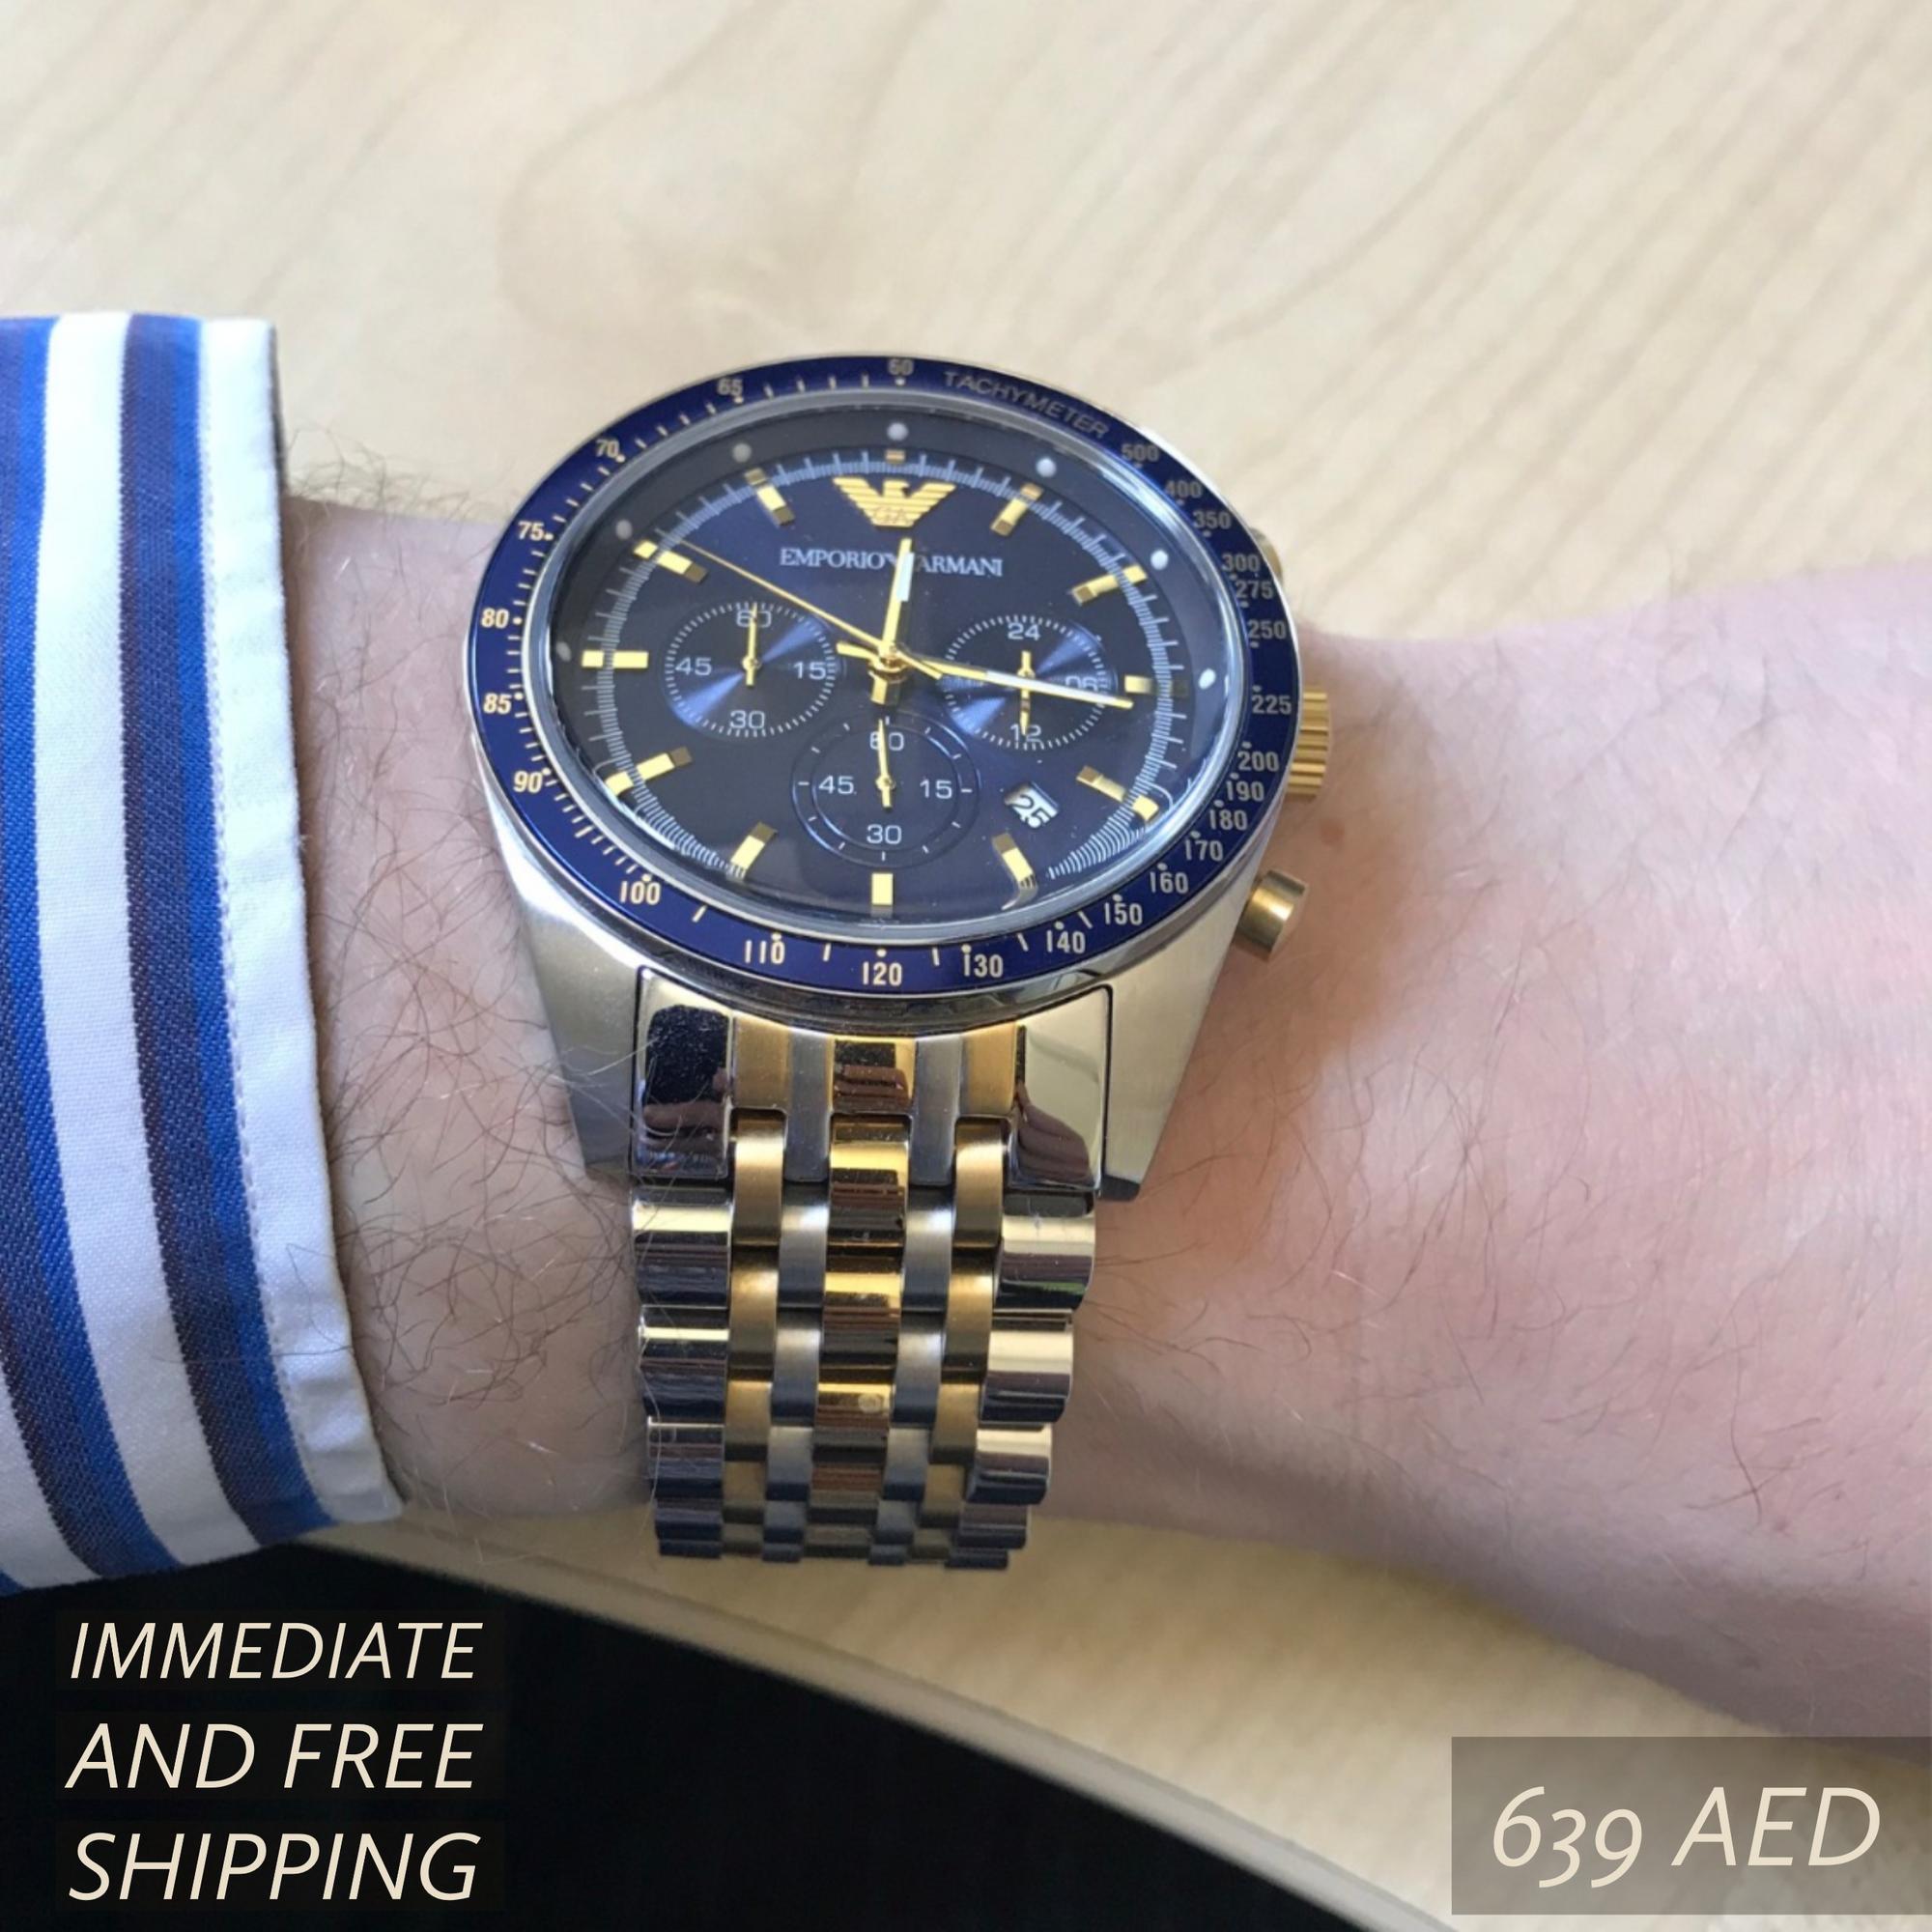 هدايا العيد ساعه أرماني رجالي Ar6088 شحن فوري ومجاني فقط 639 درهم Armani Stainless Steel Dial Chronograph For Men S Ar6088 Omega Watch Accessories Watches